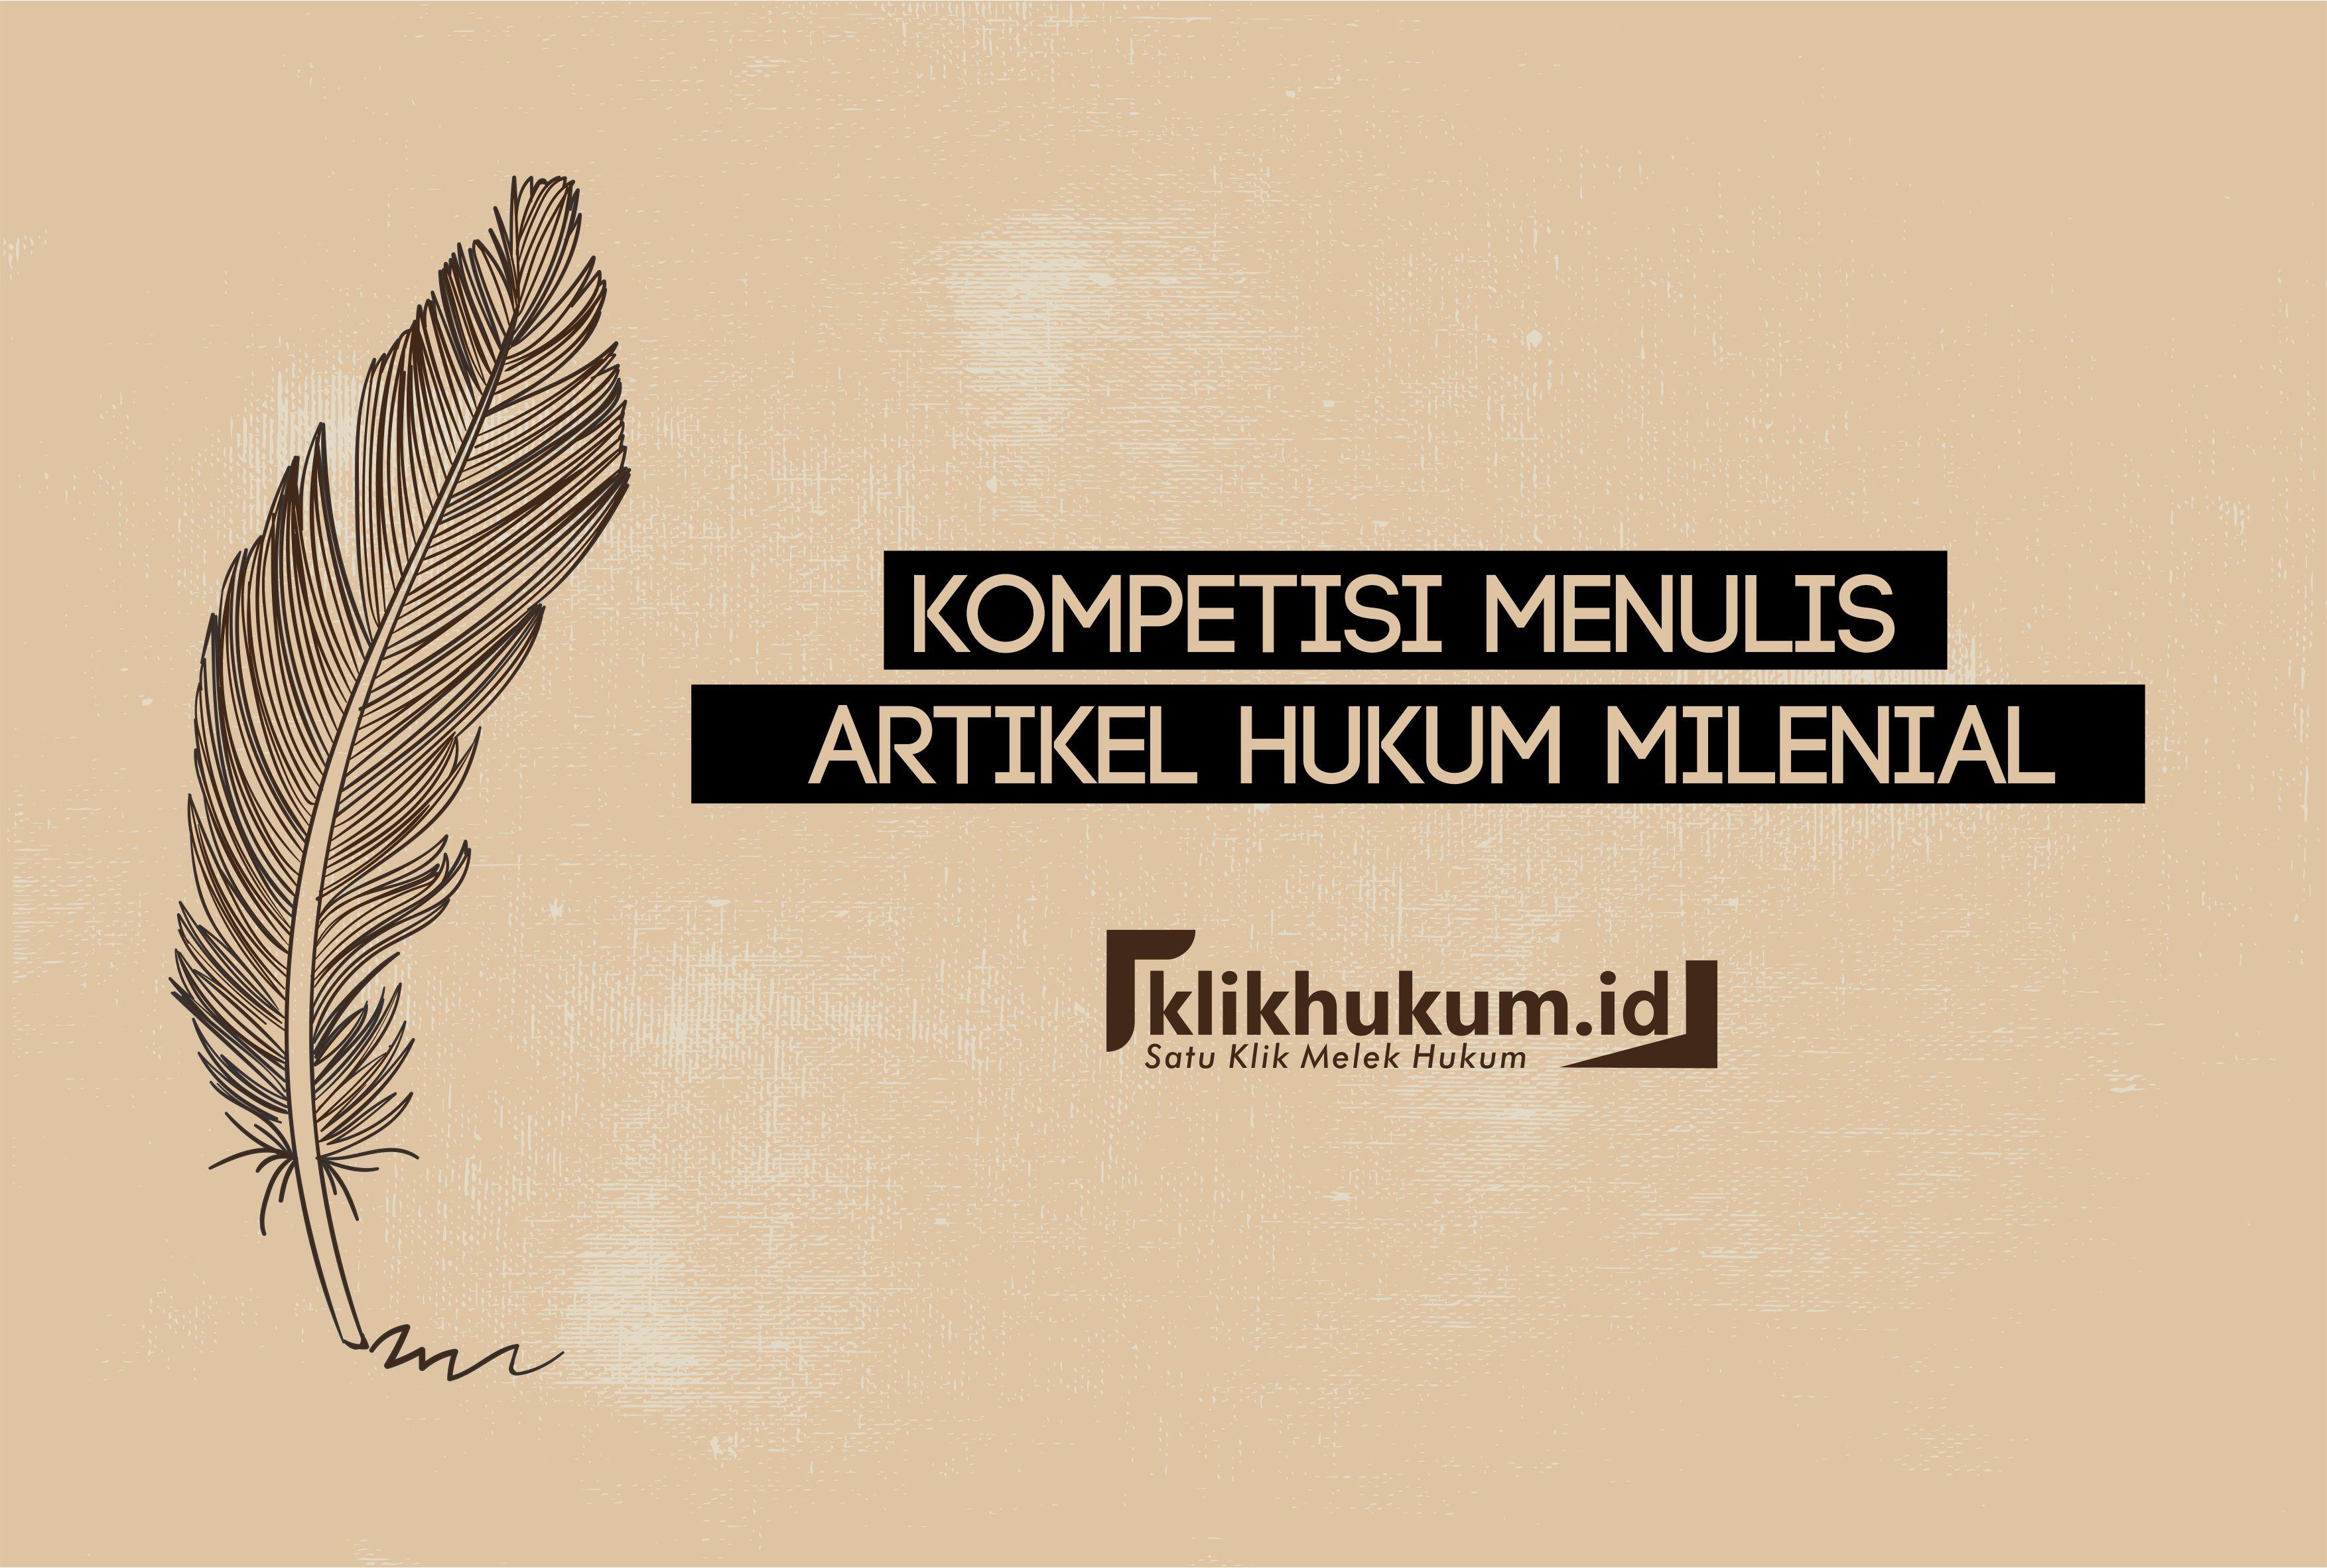 KOMPETISI MENULIS ARTIKEL HUKUM MILENIAL